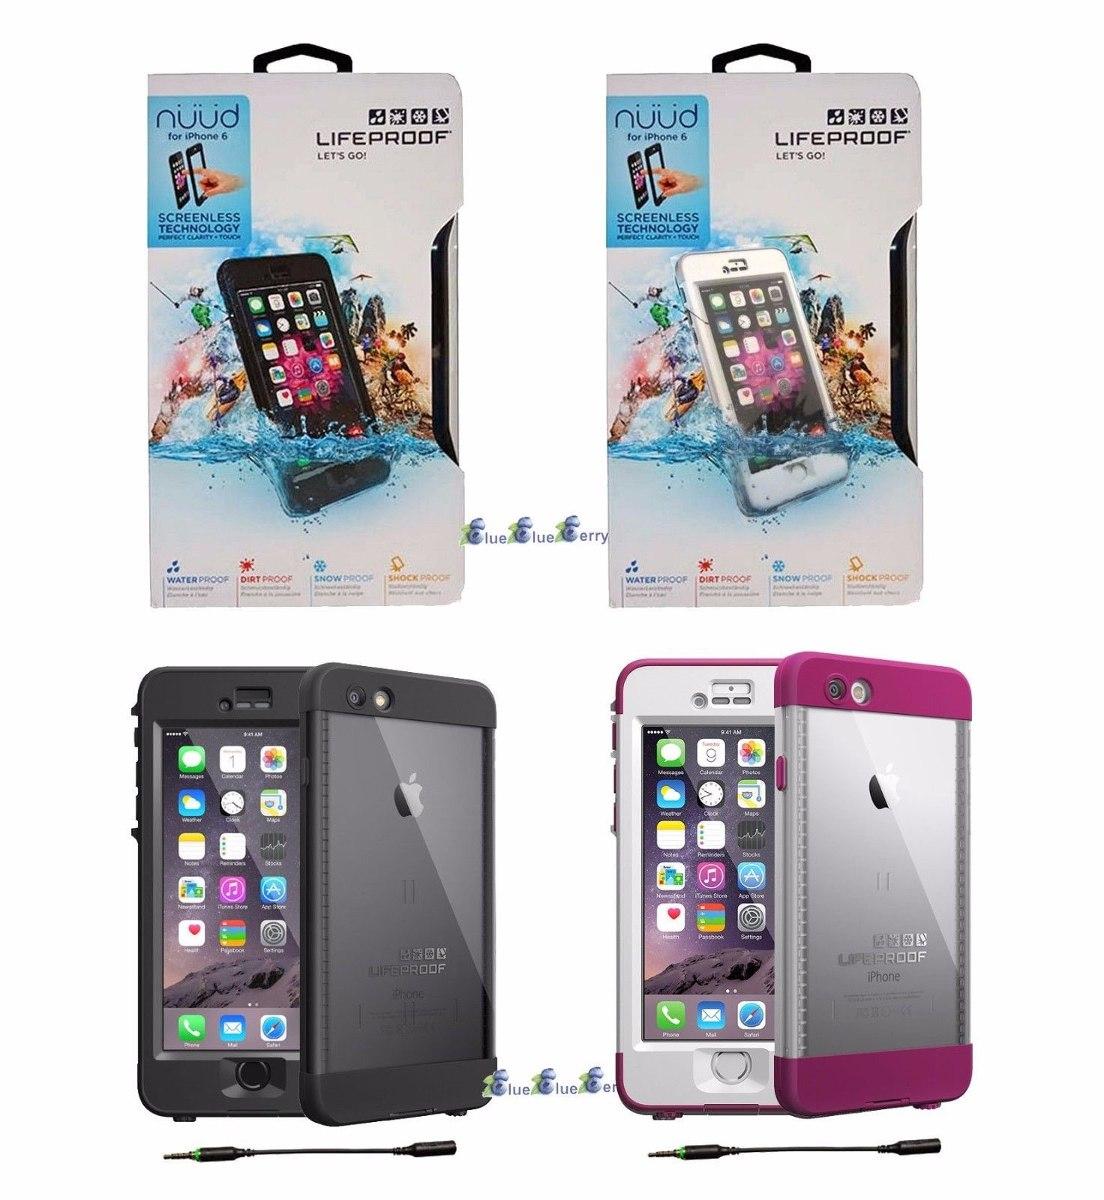 Funda lifeproof nuud 100 sumergible iphone 6 6s la mejor 1 en mercado libre - Fundas lifeproof ...